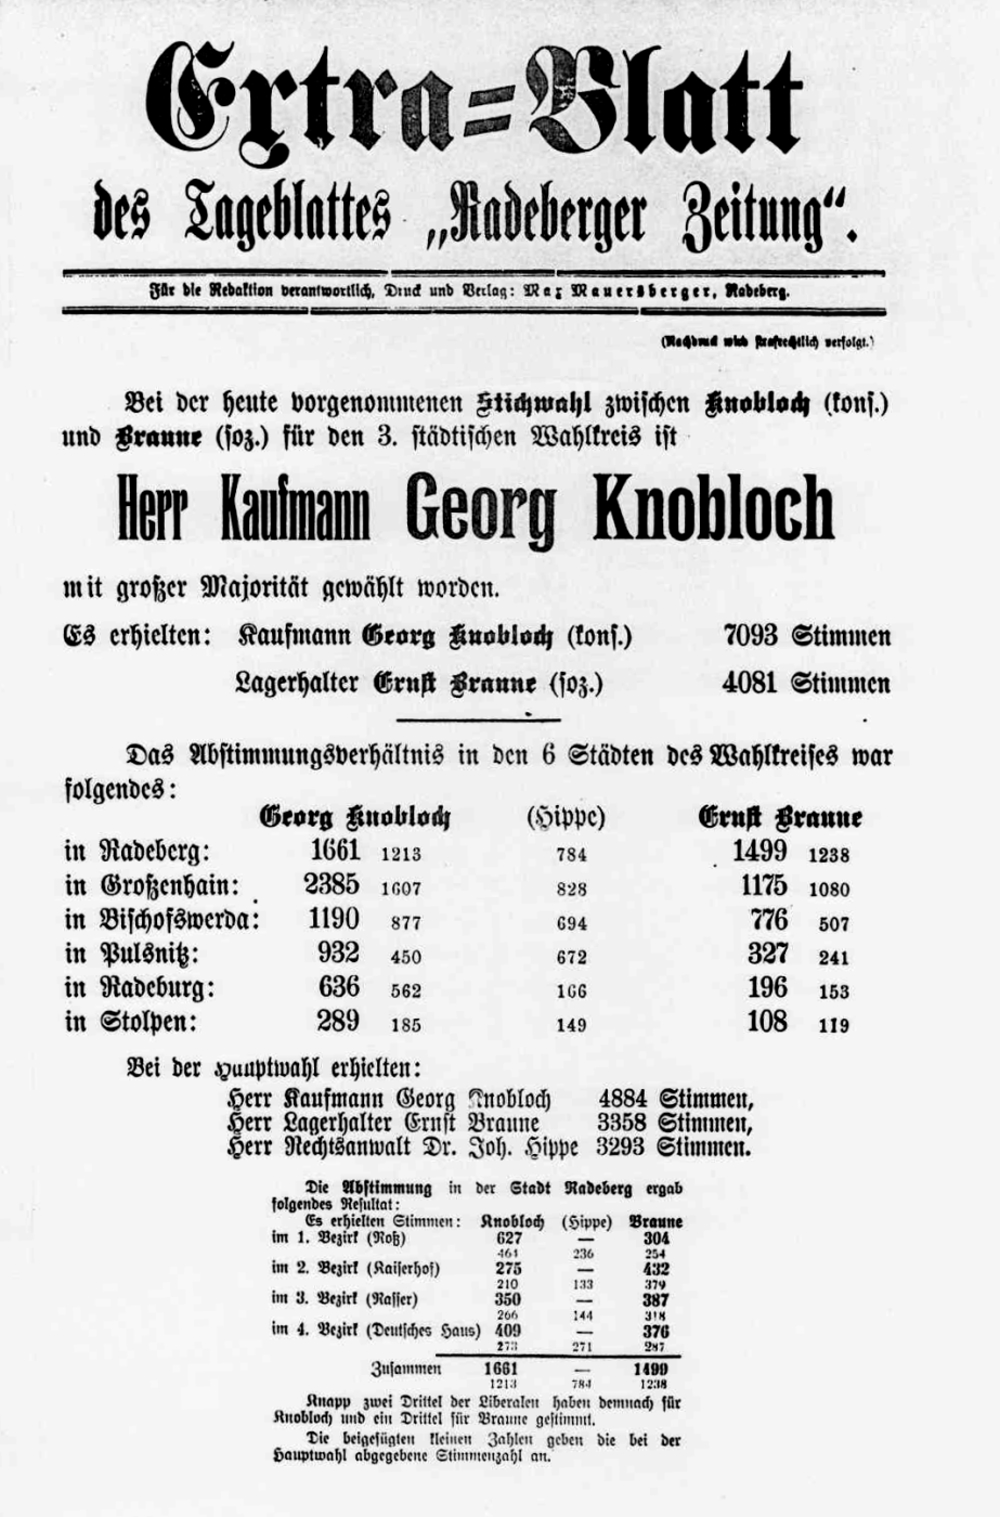 Georg Knobloch gewinnt gegen Ernst Braune: Extrablatt Radeberger Zeitung v. 2.11.1909